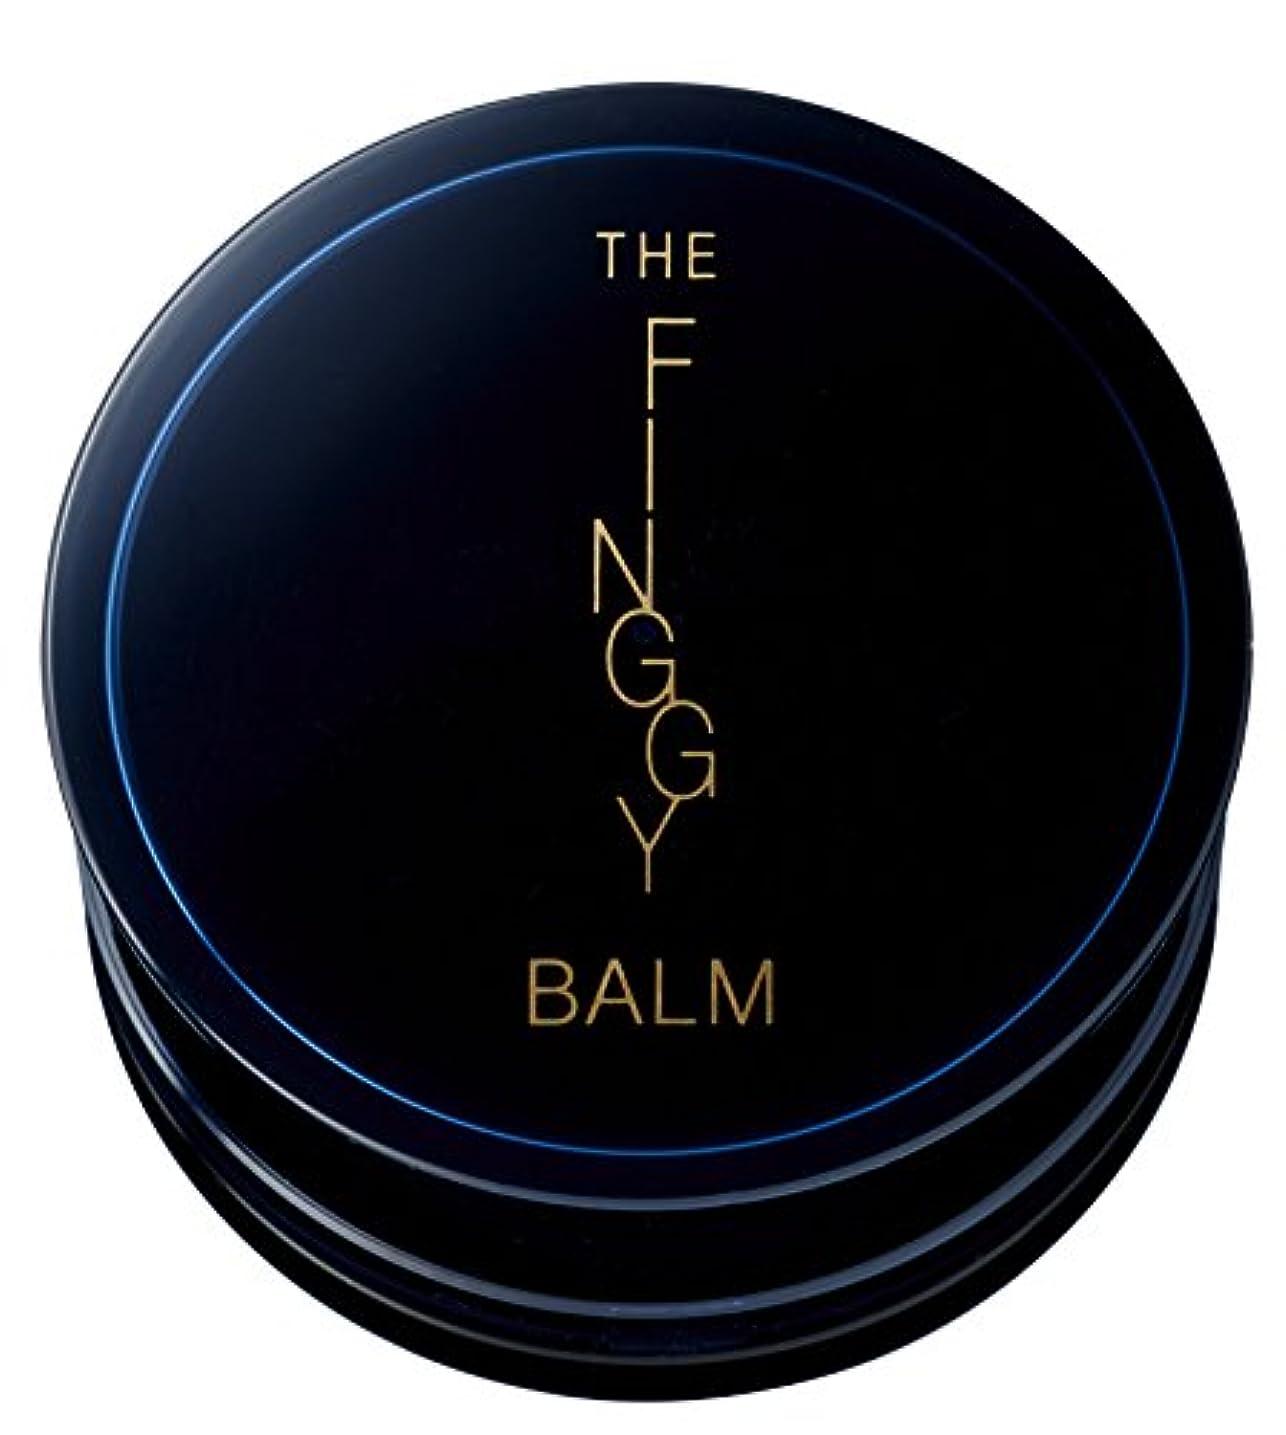 とげデジタル脚本FINGGY BALM スキンプロテクター